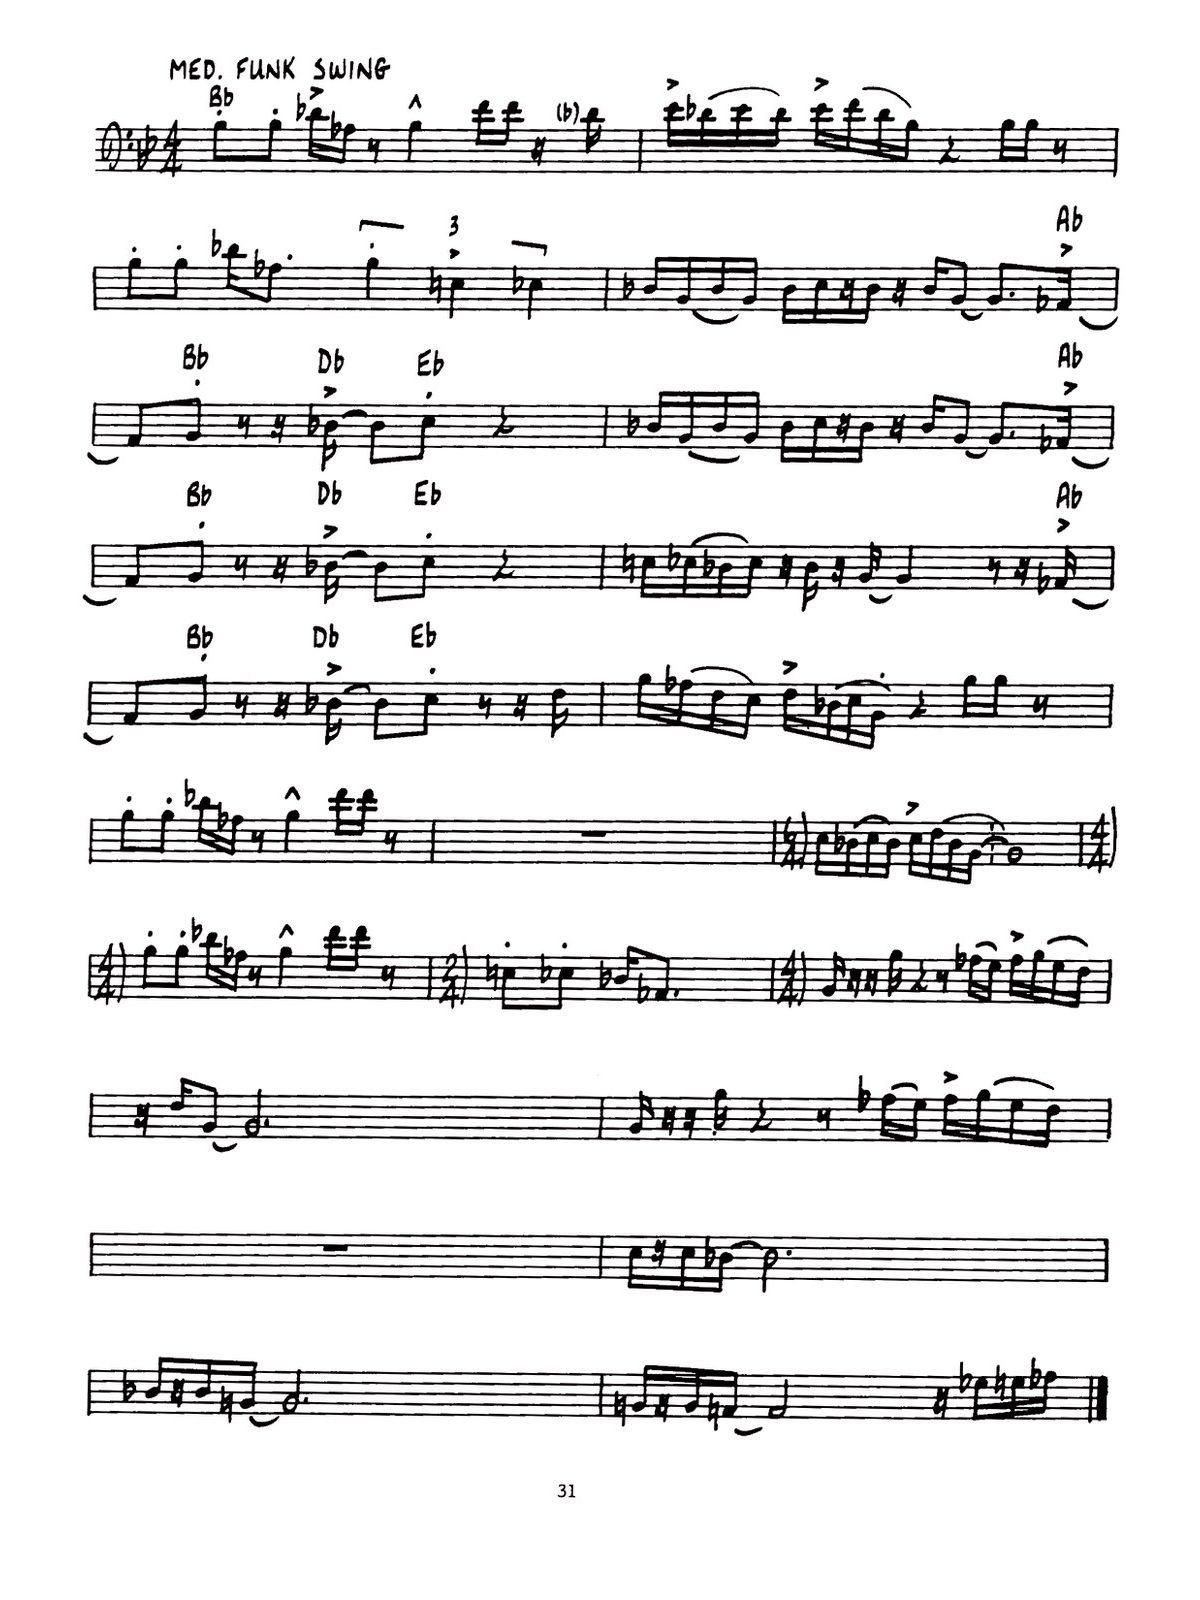 Chesky, Contemporary Jazz Rock Rhythms Bass Clef-p35